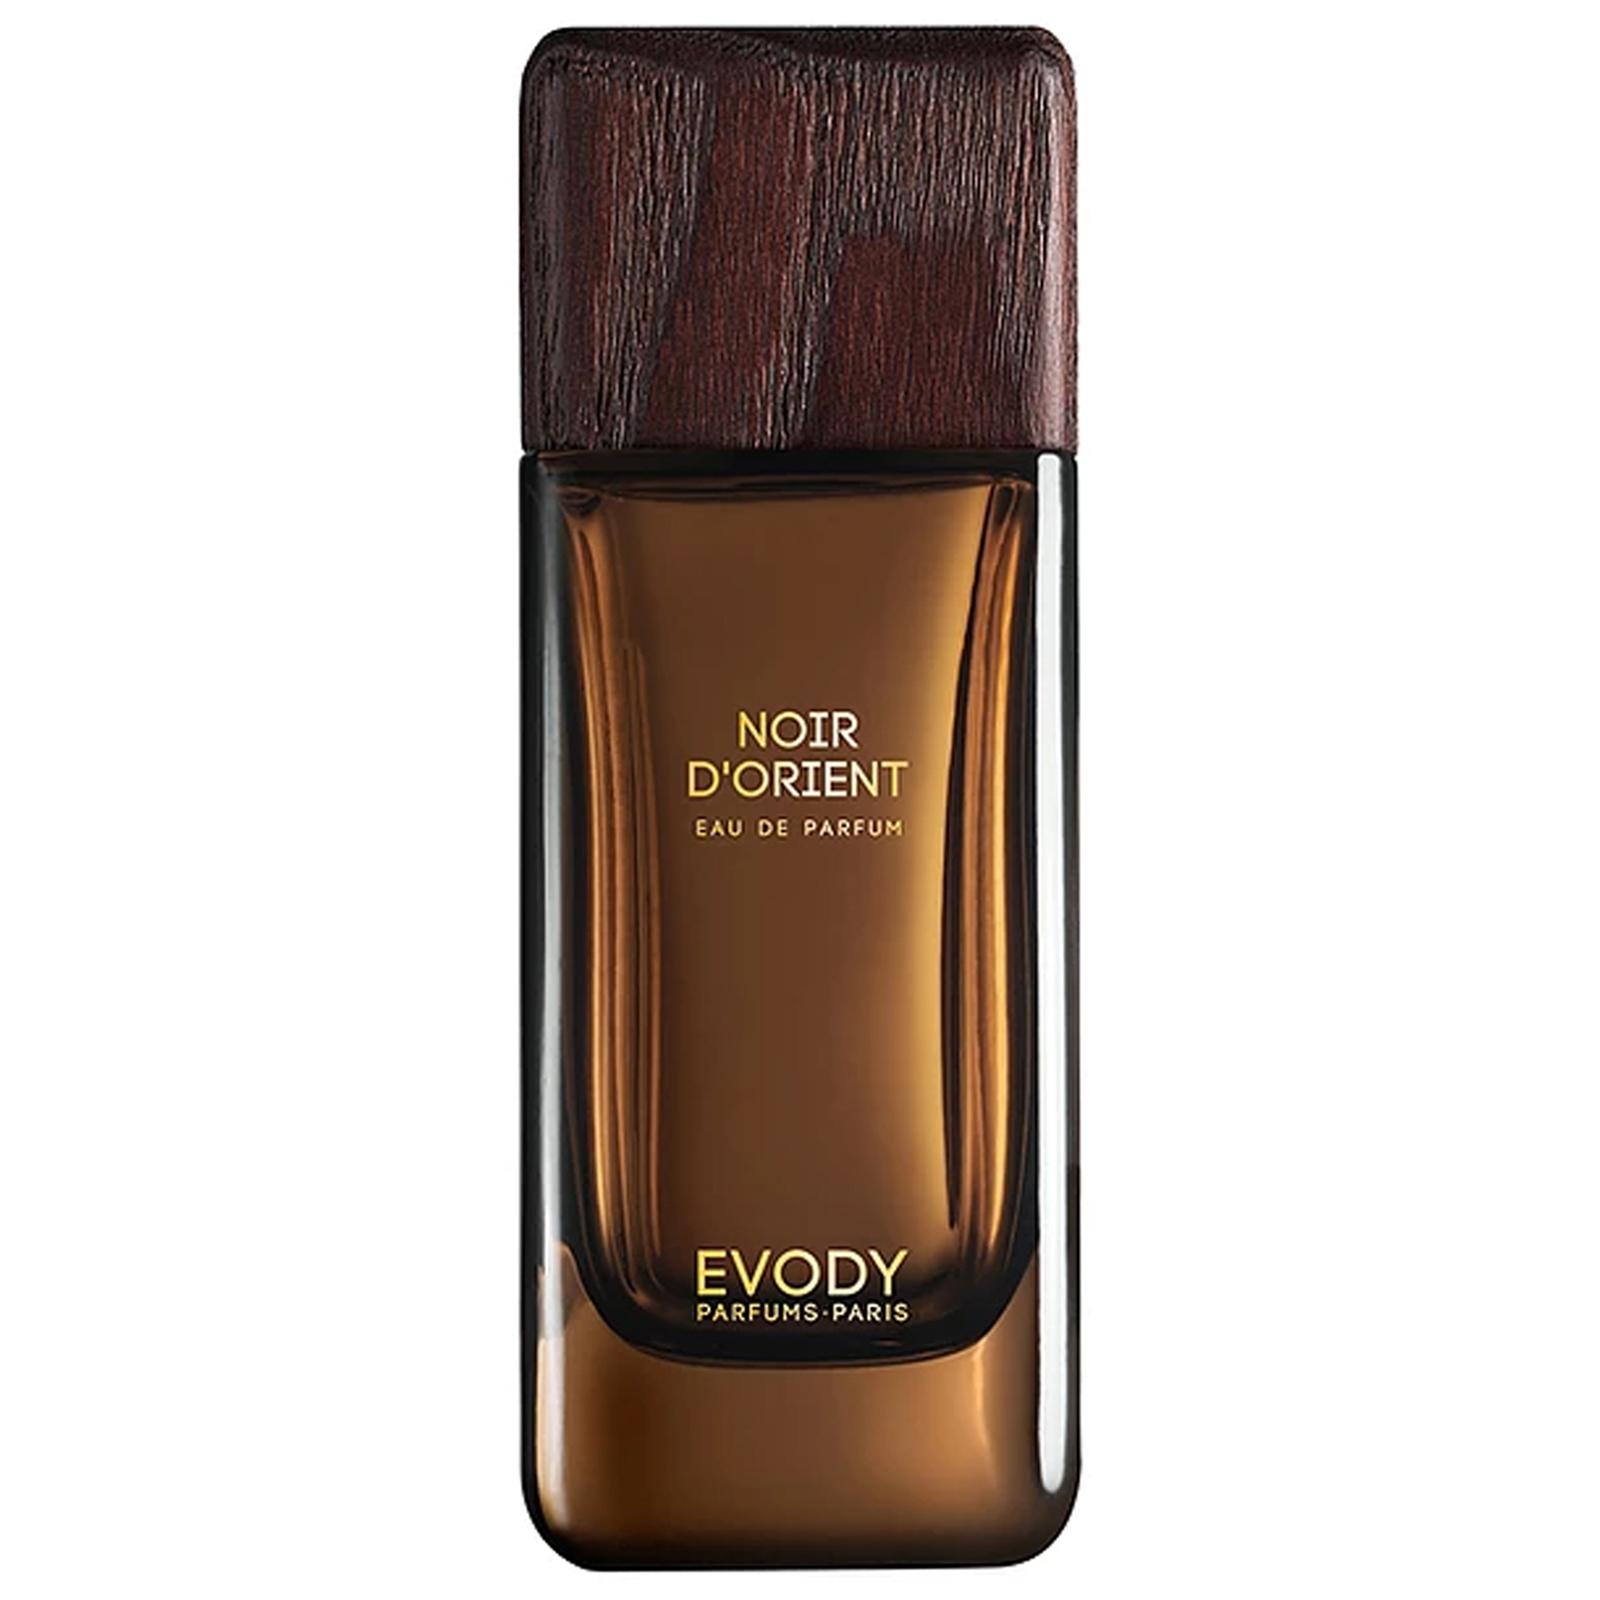 Noir d orient profumo eau de parfum 100 ml